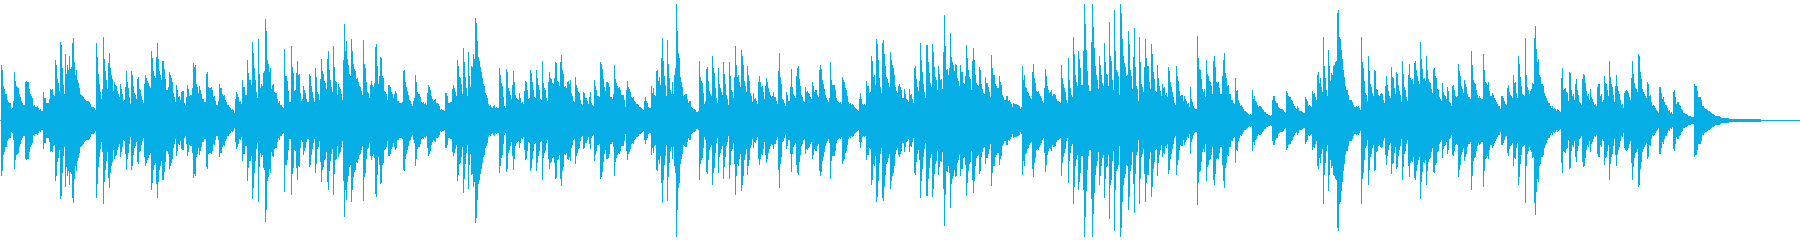 シューマンのトロイメライです。の再生済みの波形